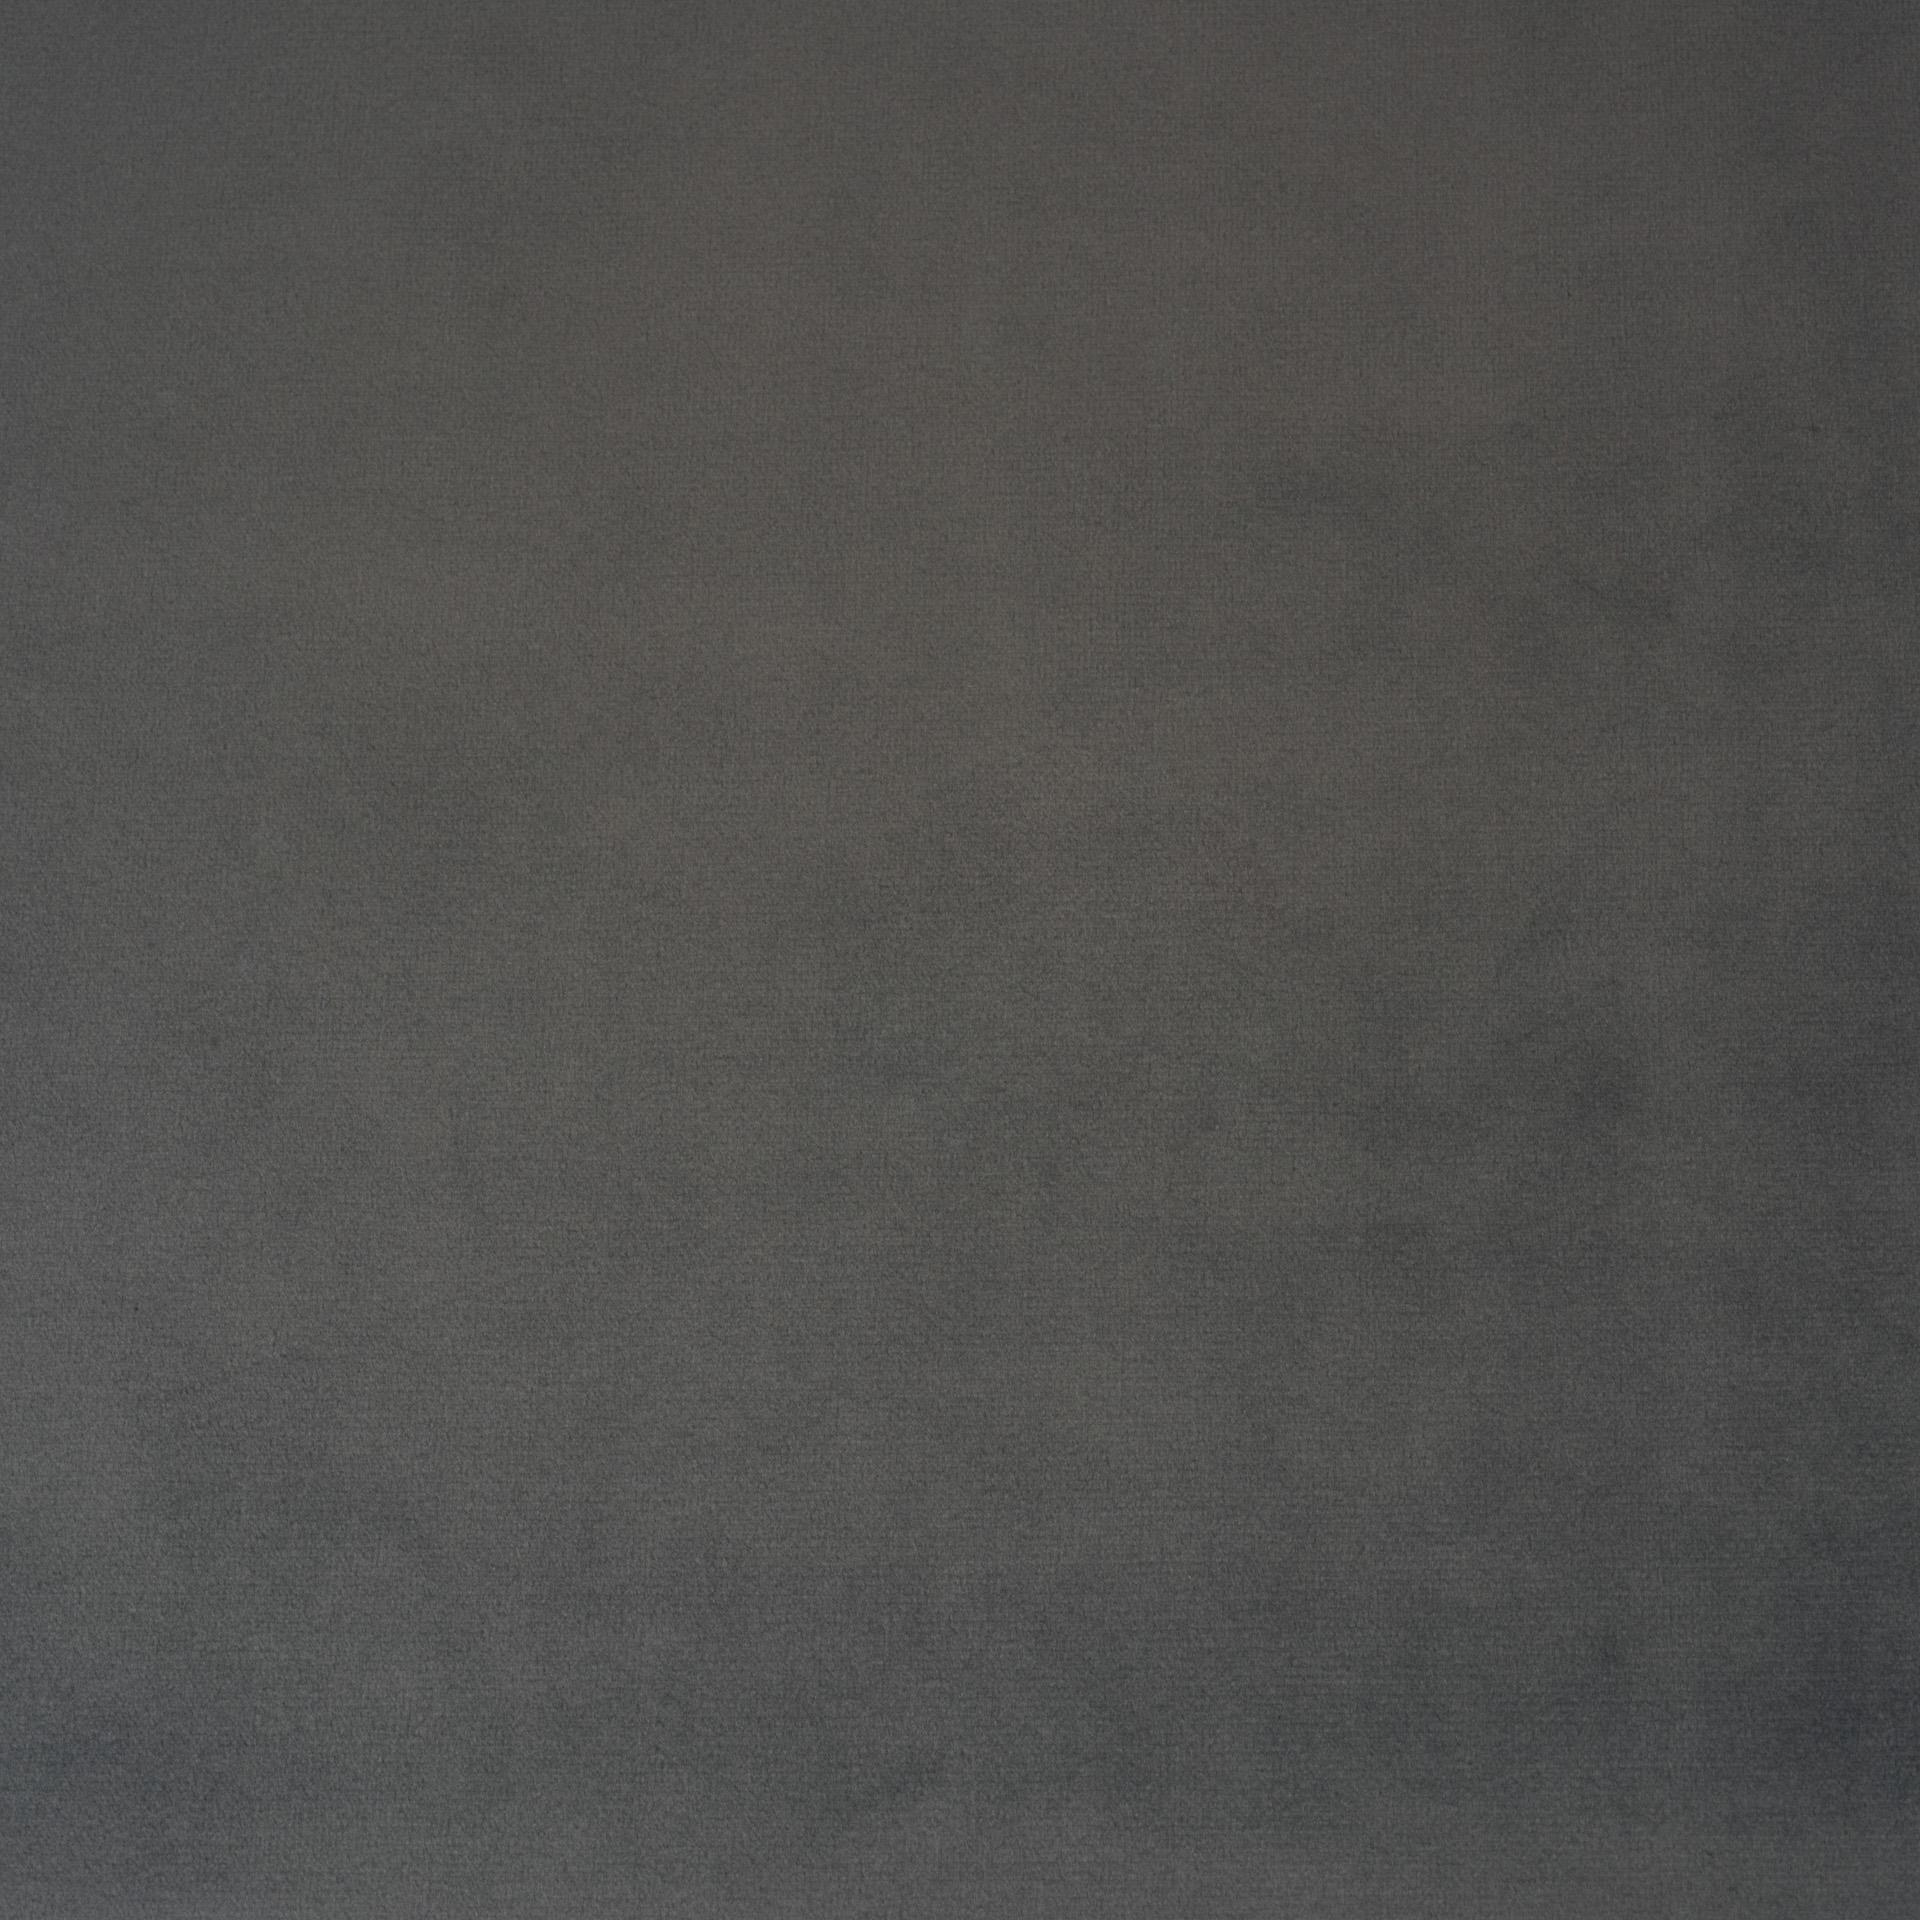 Коллекция ткани Альмира 23 SMOKY QUARTZ,  купить ткань Велюр для мебели Украина